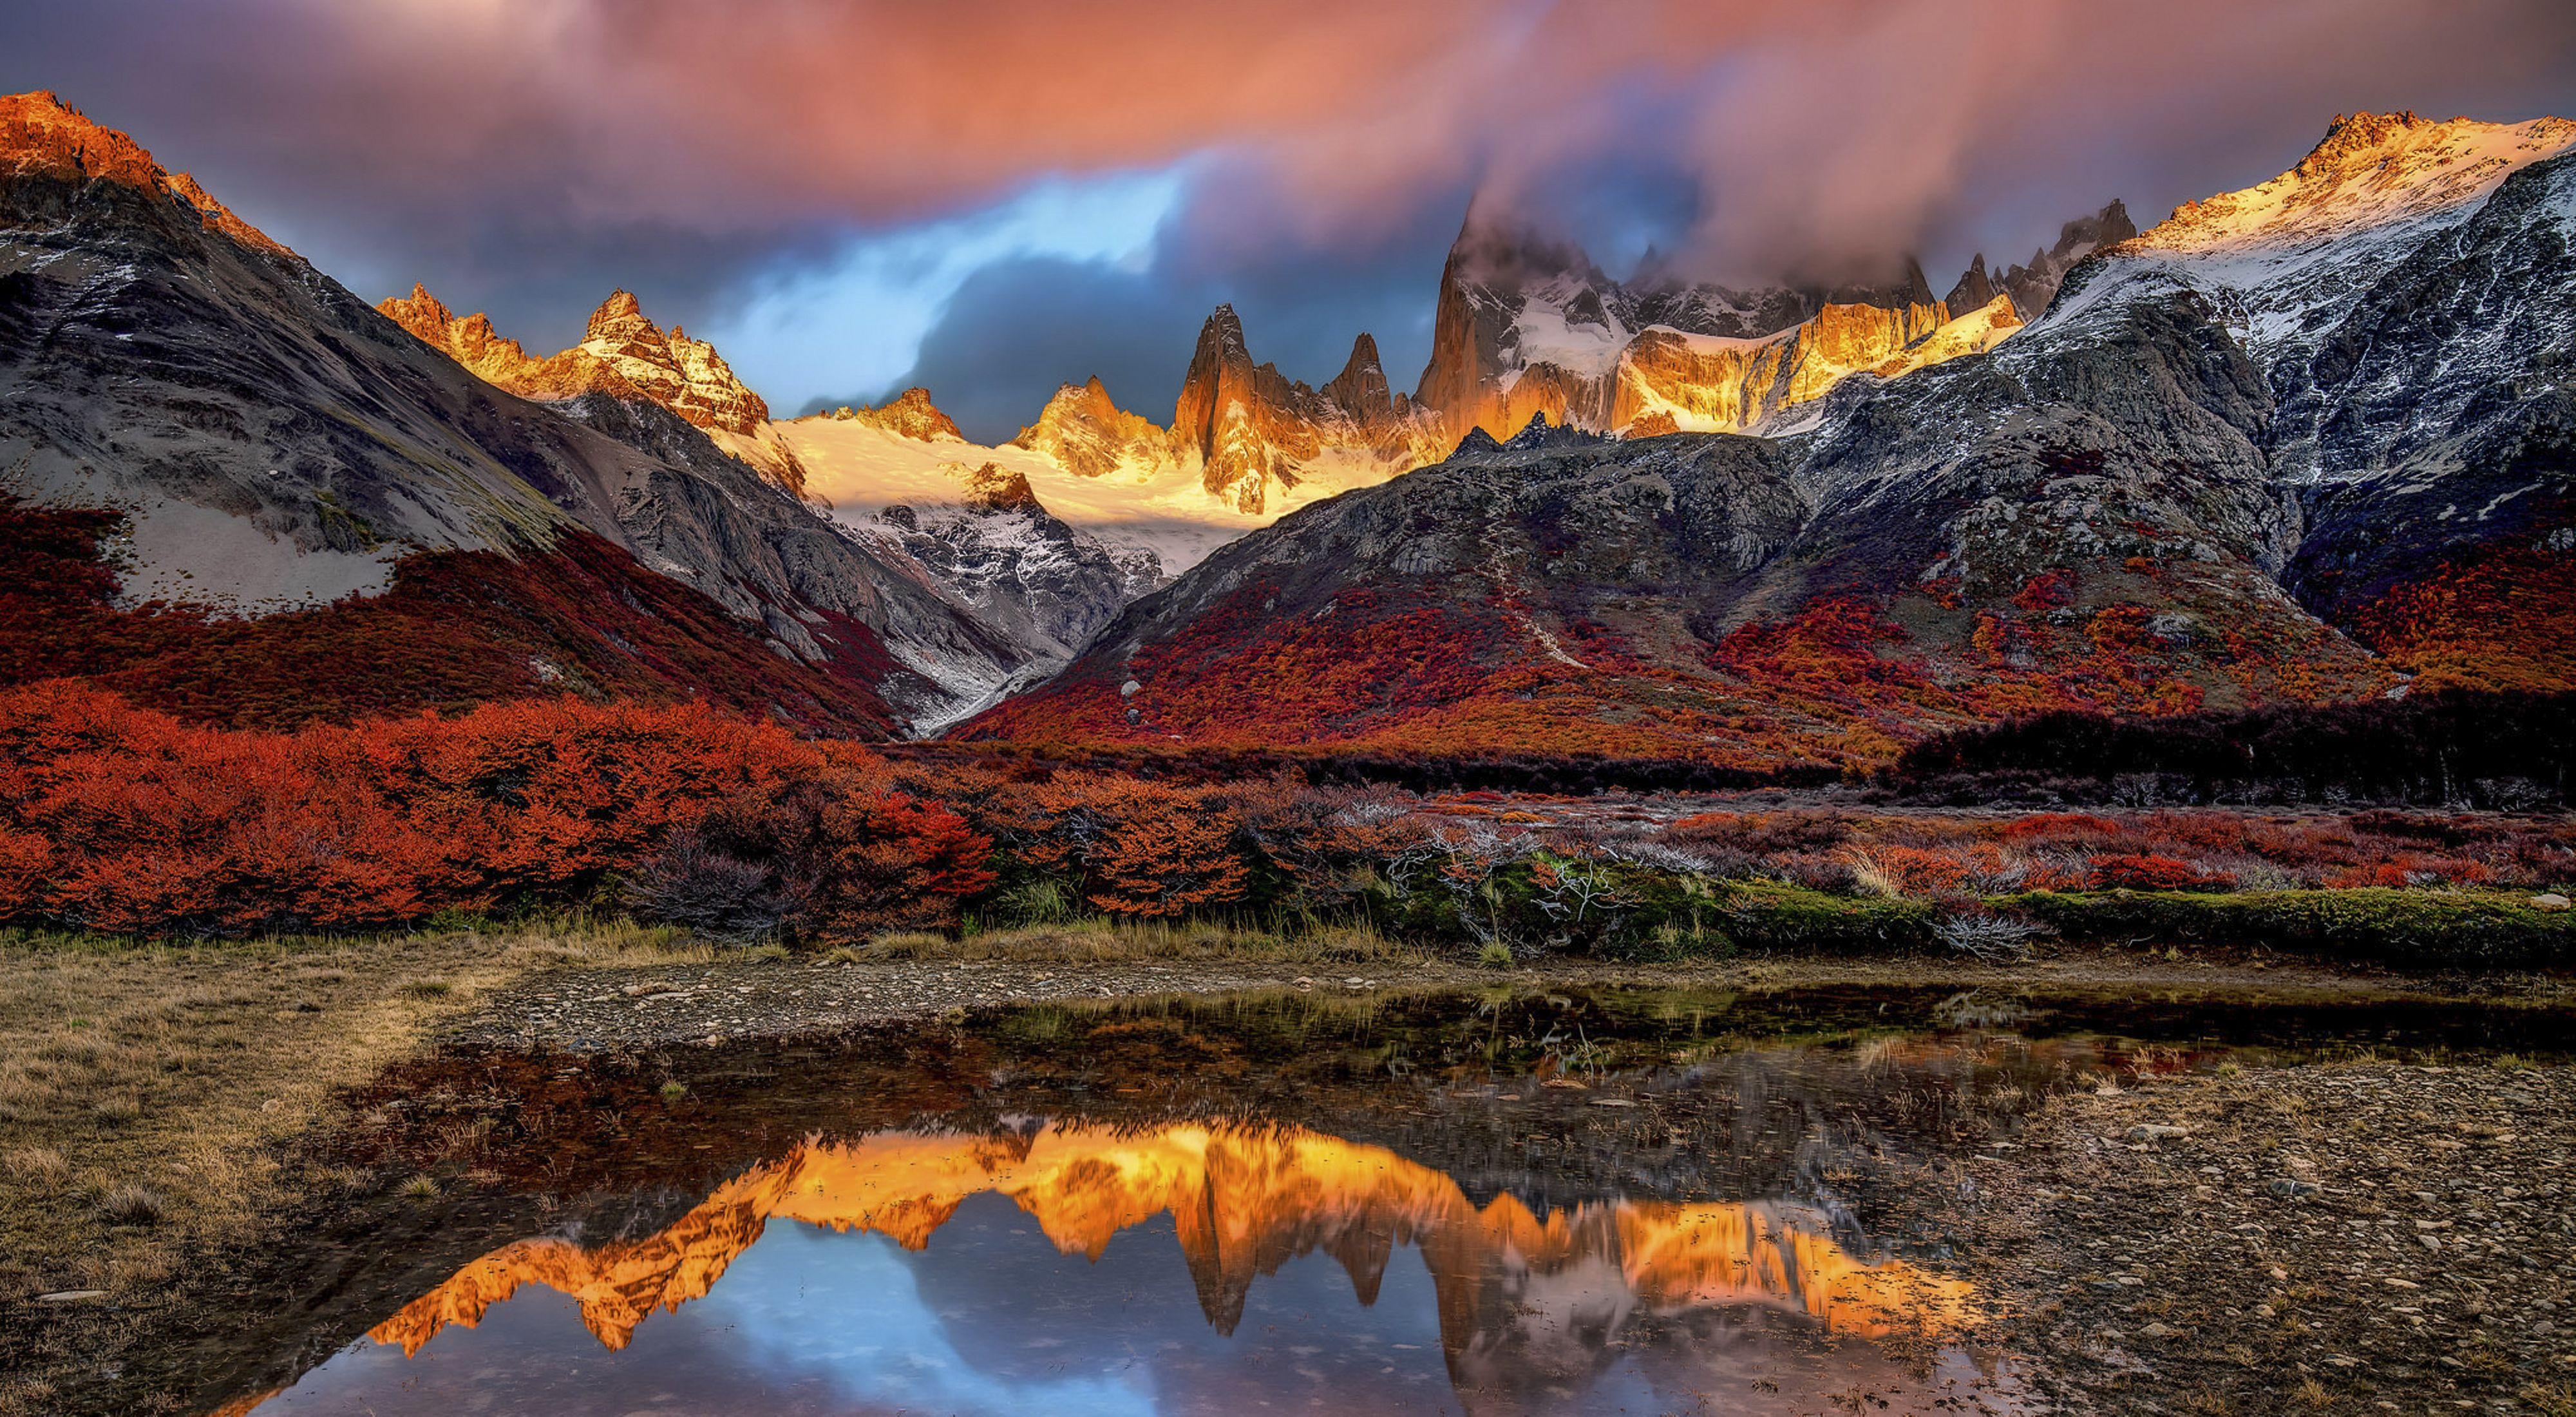 Atardecer en el sur de Argentina